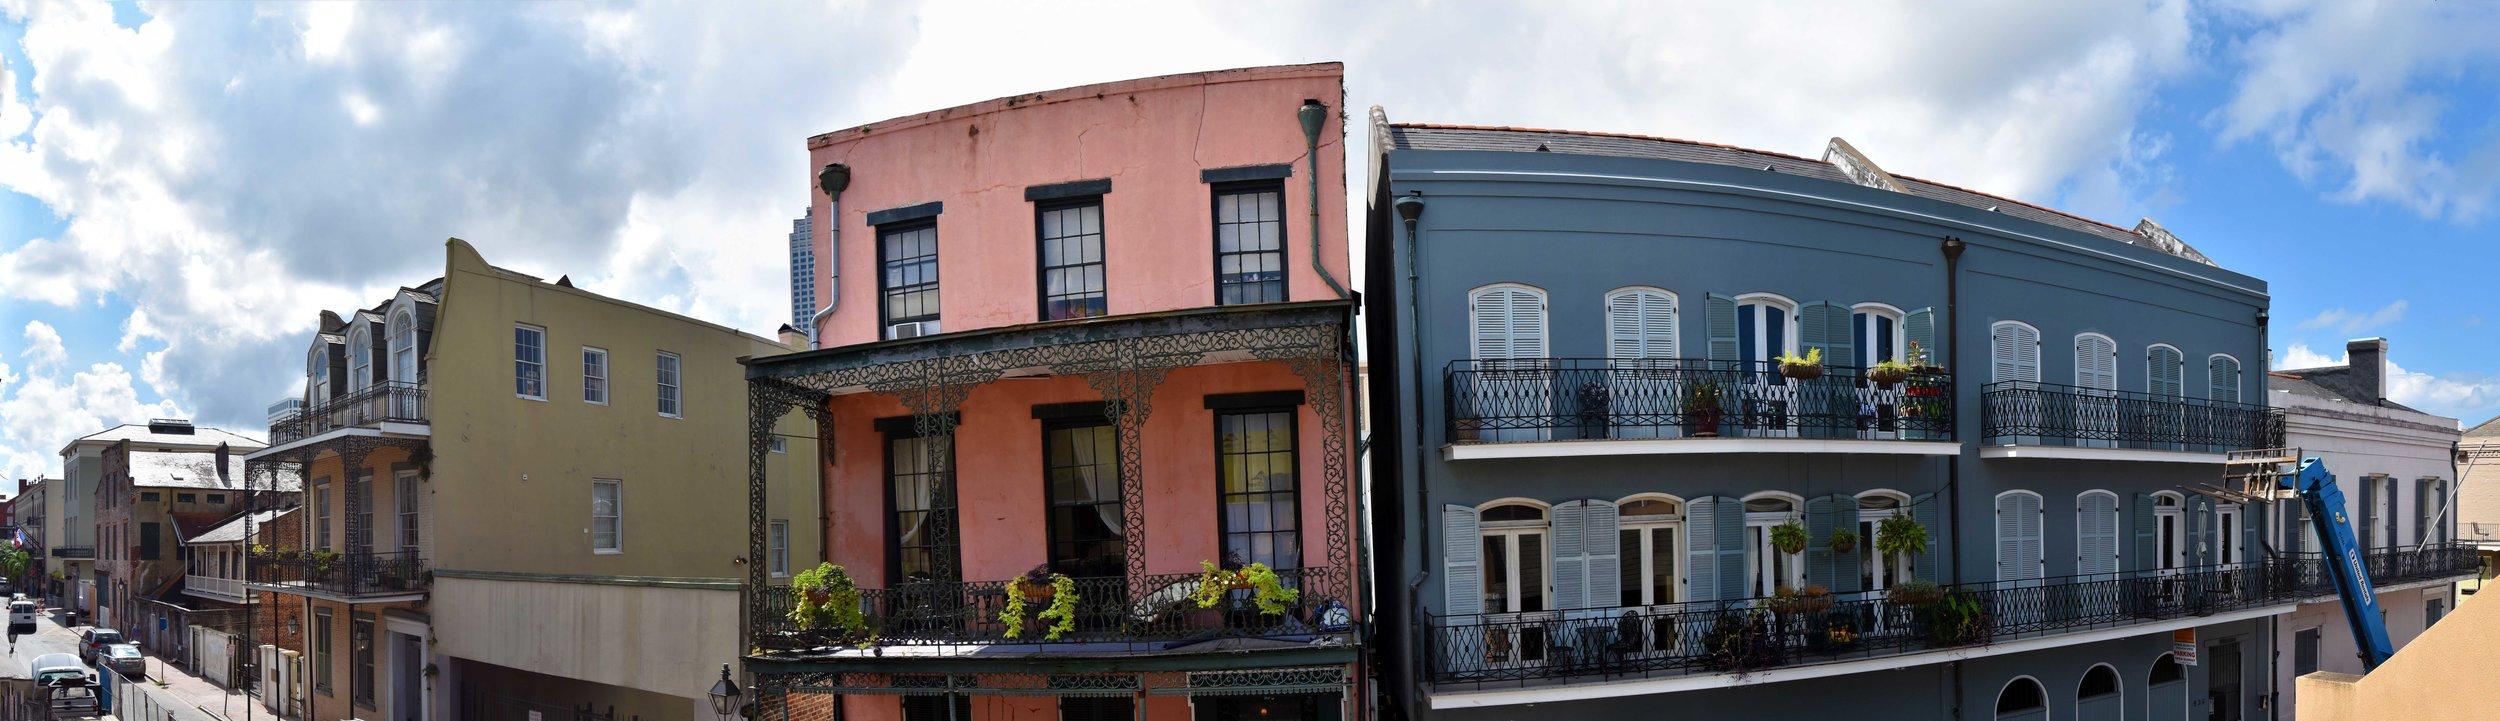 Penthouse C Pano 1.jpg